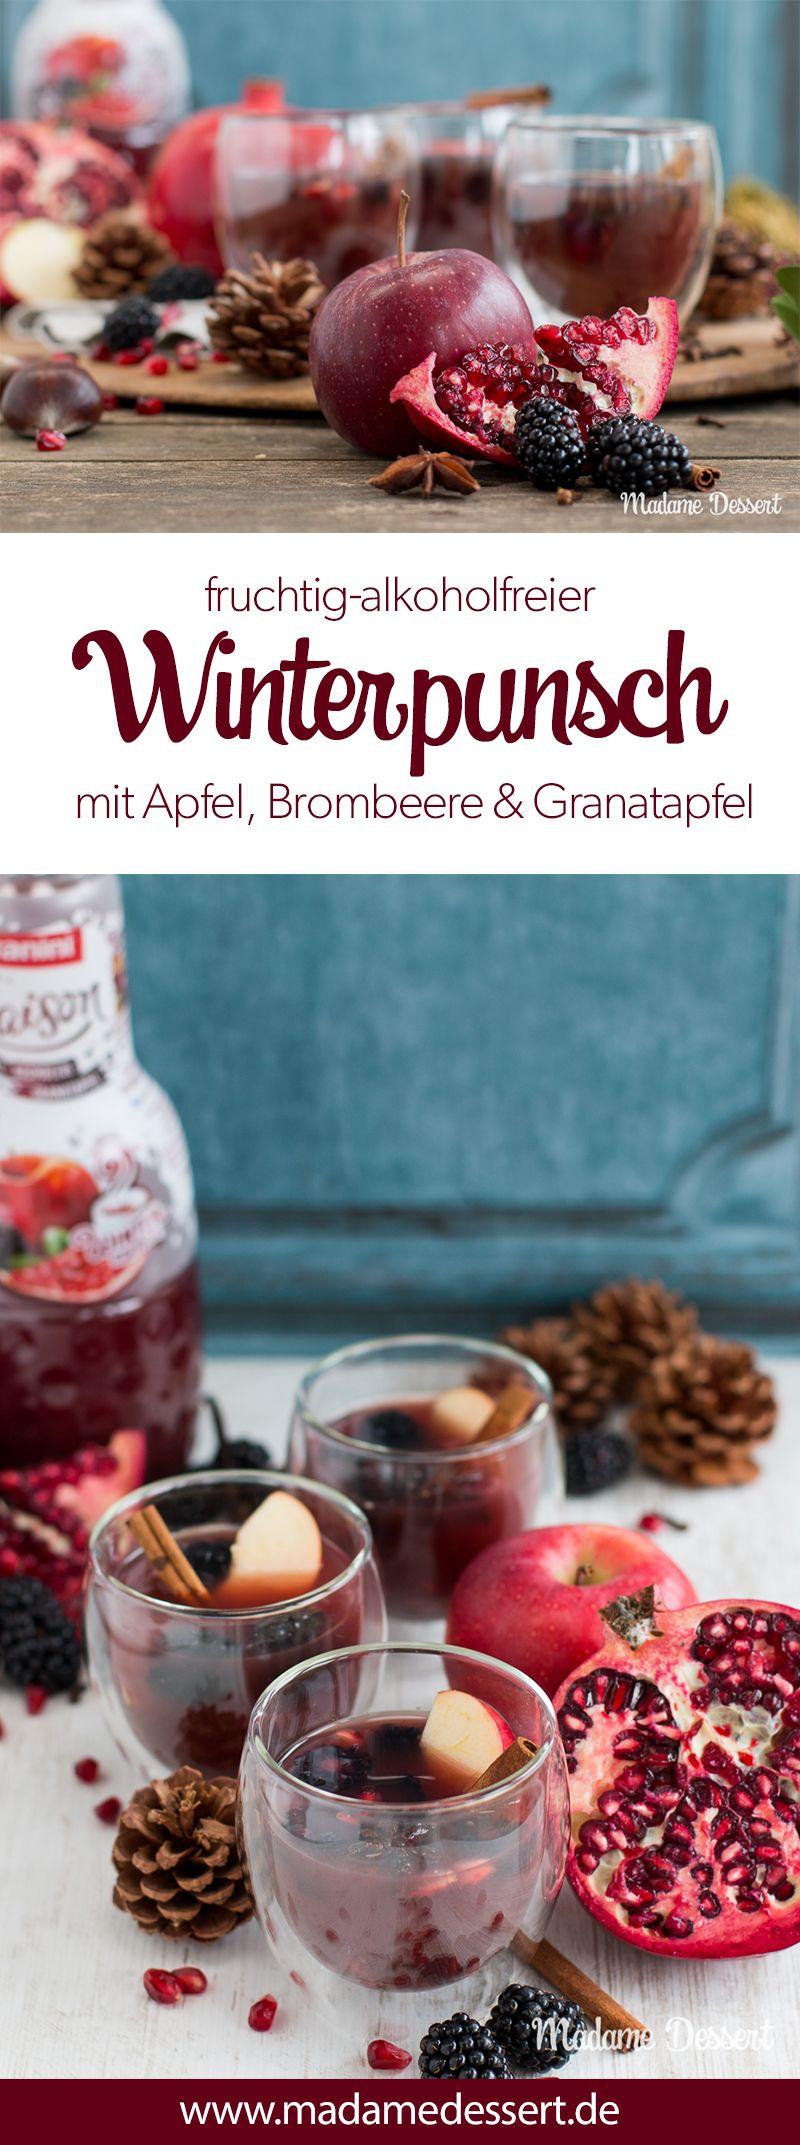 Alkoholfreier Punsch mit Apfel, Brombeere & Granatapfel